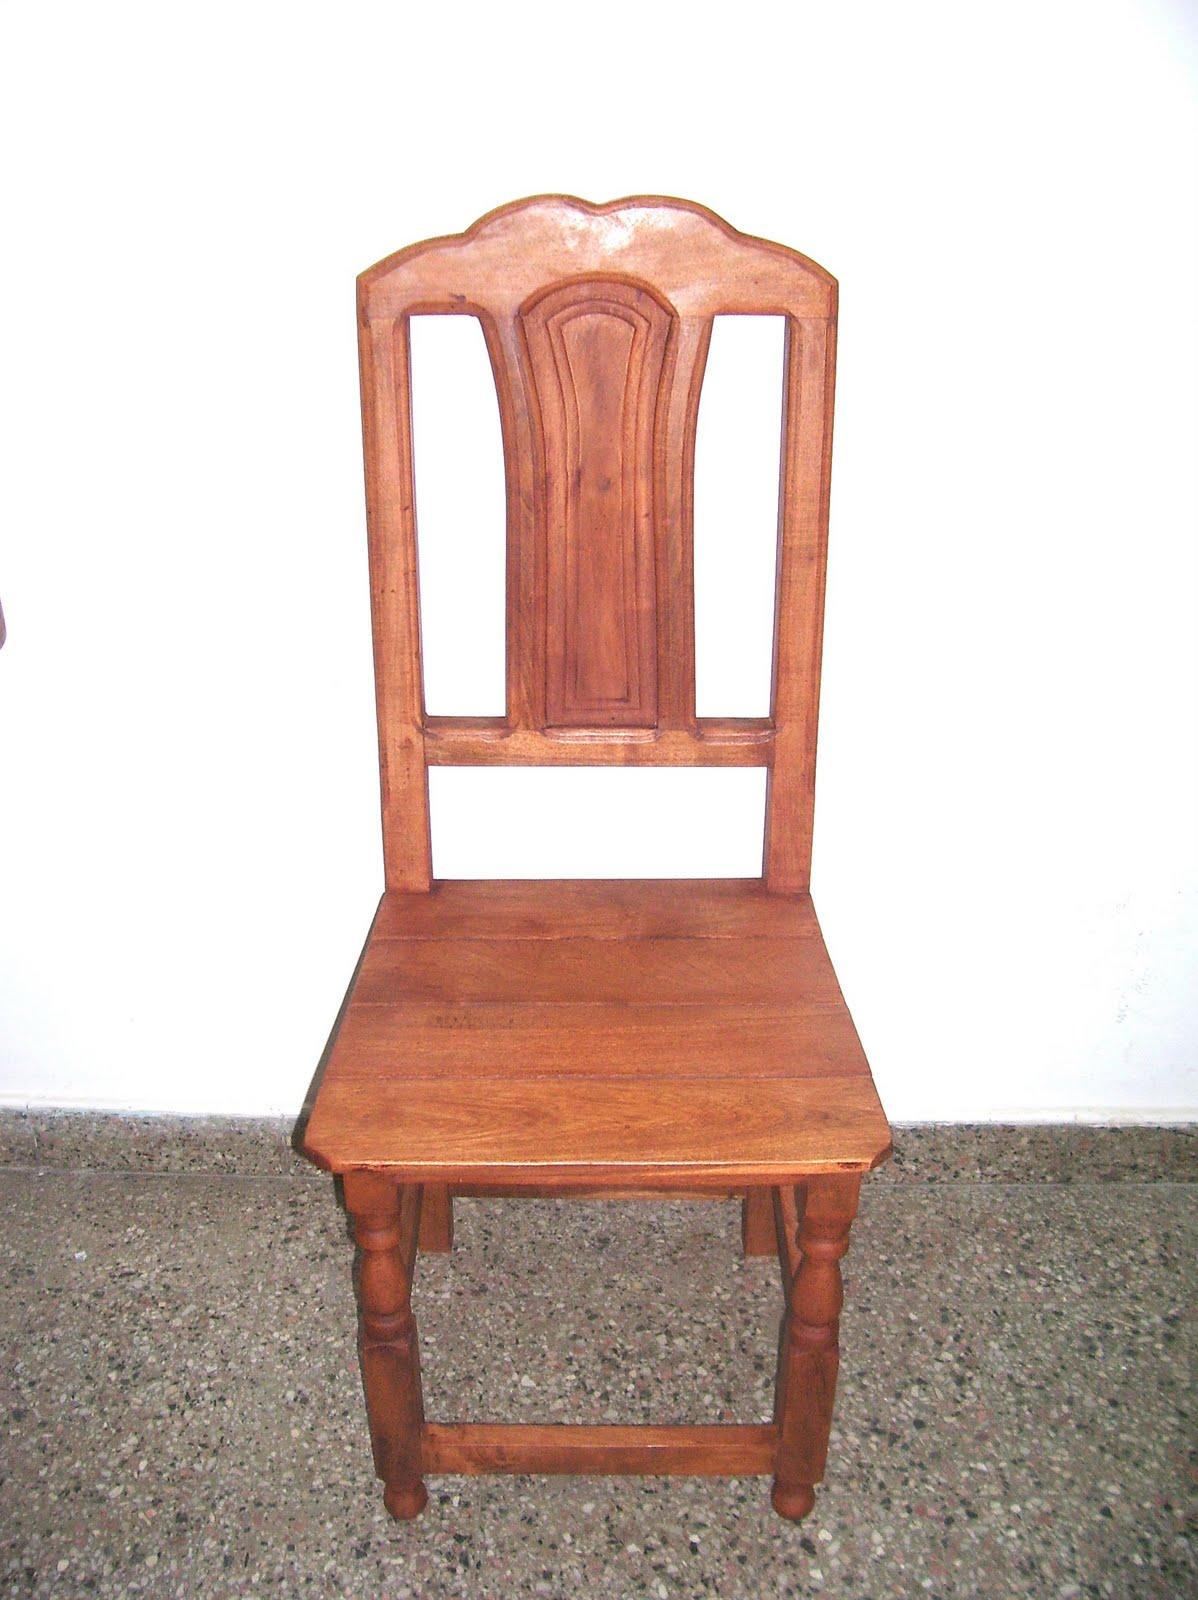 Algarrobos viedma sillas de algarrobo for Modelos de tapizados para sillas